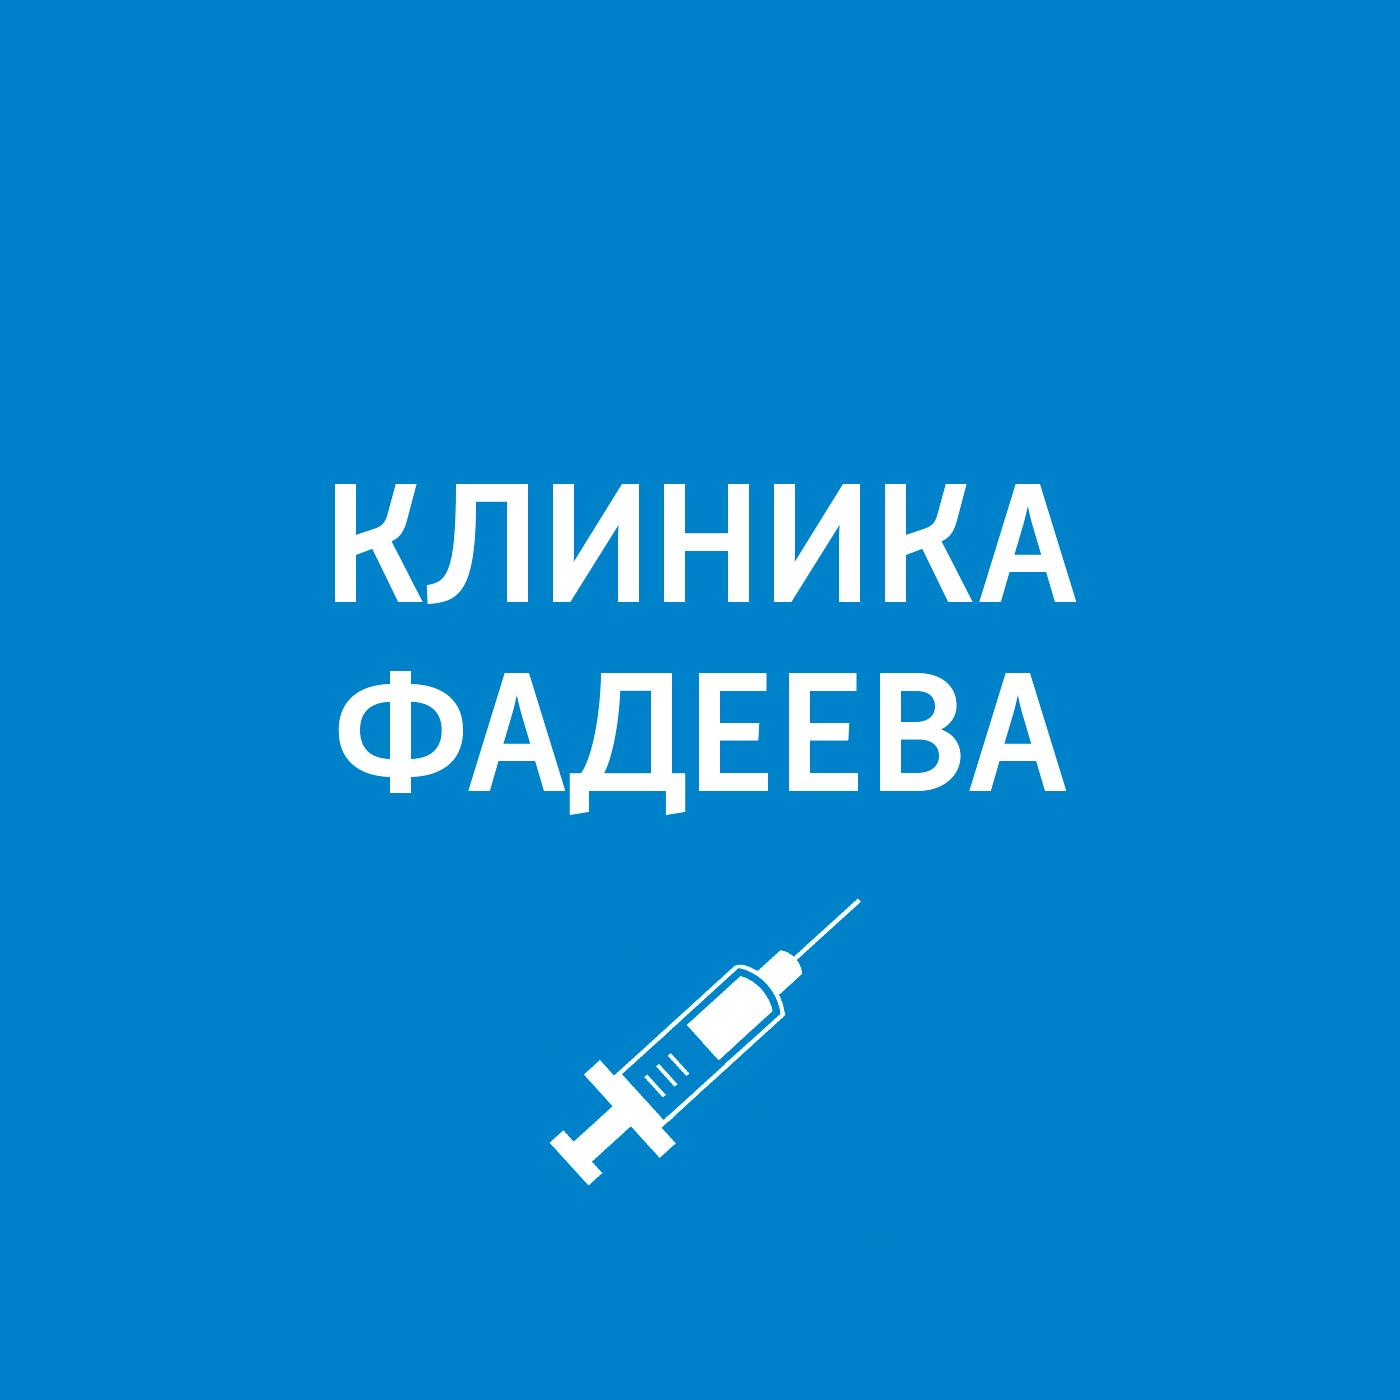 Пётр Фадеев Врач-пульмонолог: ответы на вопросы создатель вакцины от бешенства 6 букв